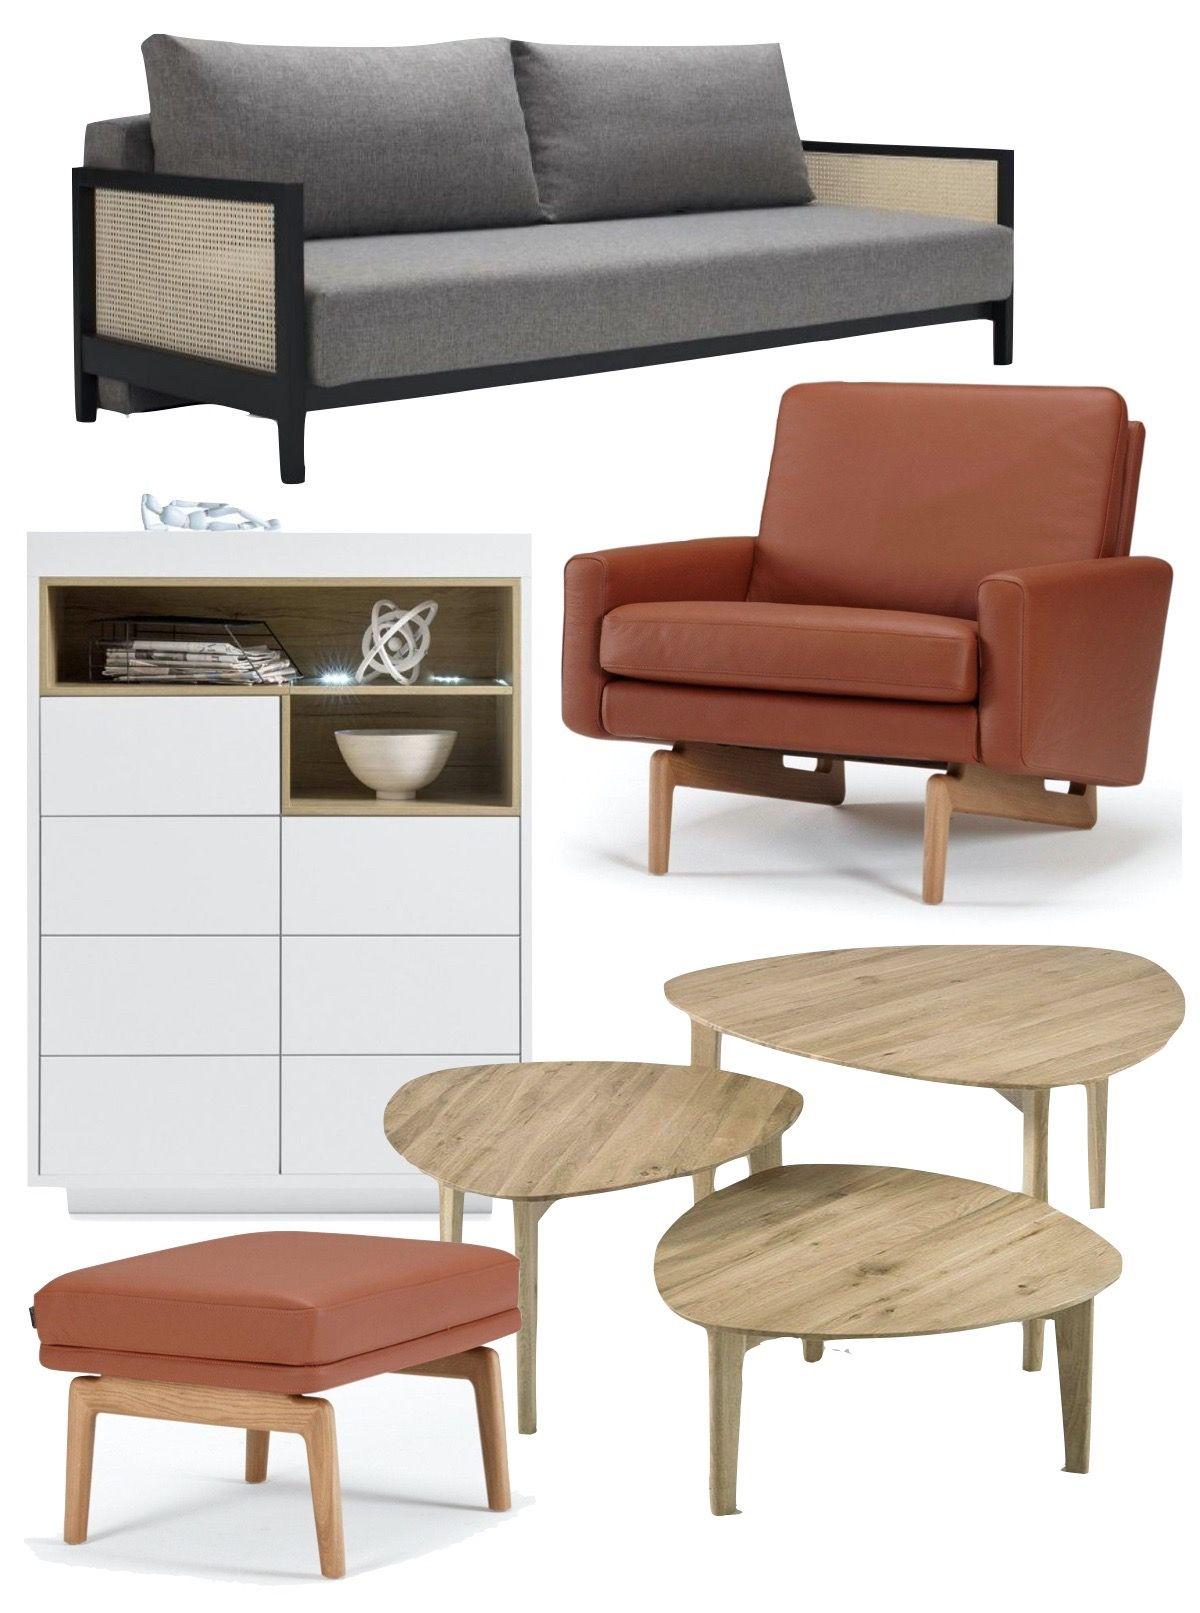 Soldes 2020 Canape Convertible Blog Deco Clem Around The Corner En 2020 Canape Lit Design Canape Design Lit Design